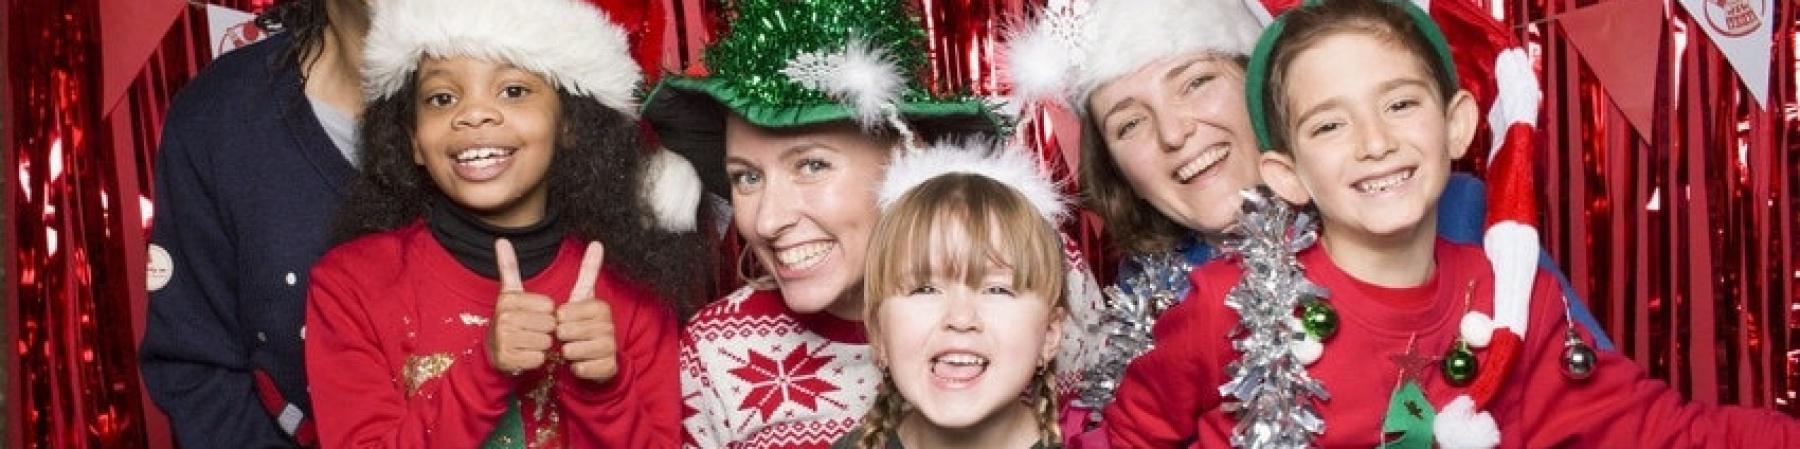 tre bambini e tre adulti vestiti con maglioni natalizi per il christmas jumper day